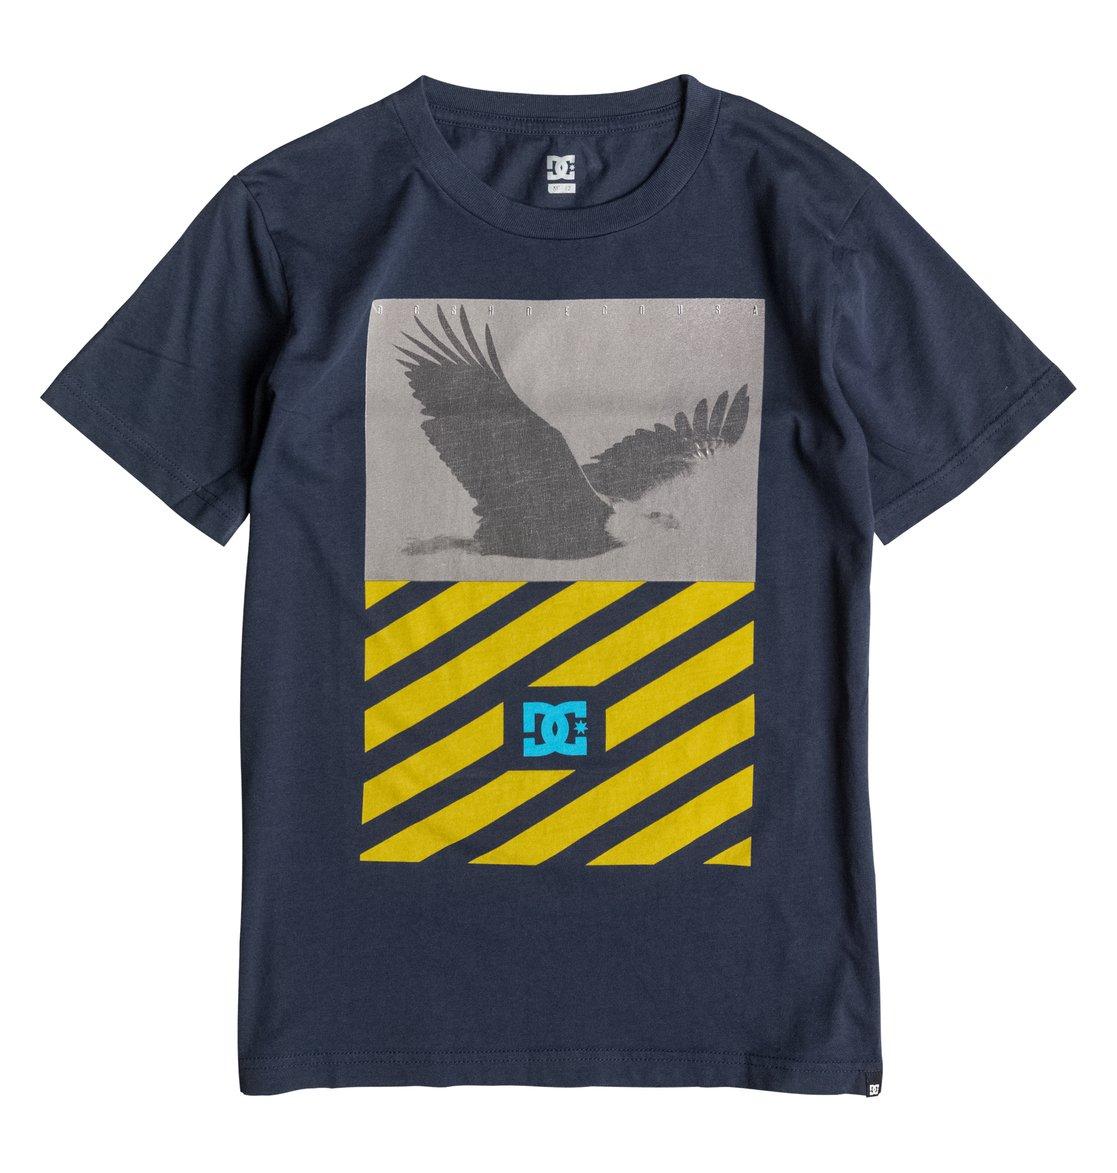 Skyview T-ShirtДетская футболка Skyview от DC Shoes. <br>ХАРАКТЕРИСТИКИ: короткие рукава, стандартный крой, мягкий графический принт. <br>СОСТАВ: 100% хлопок.<br>